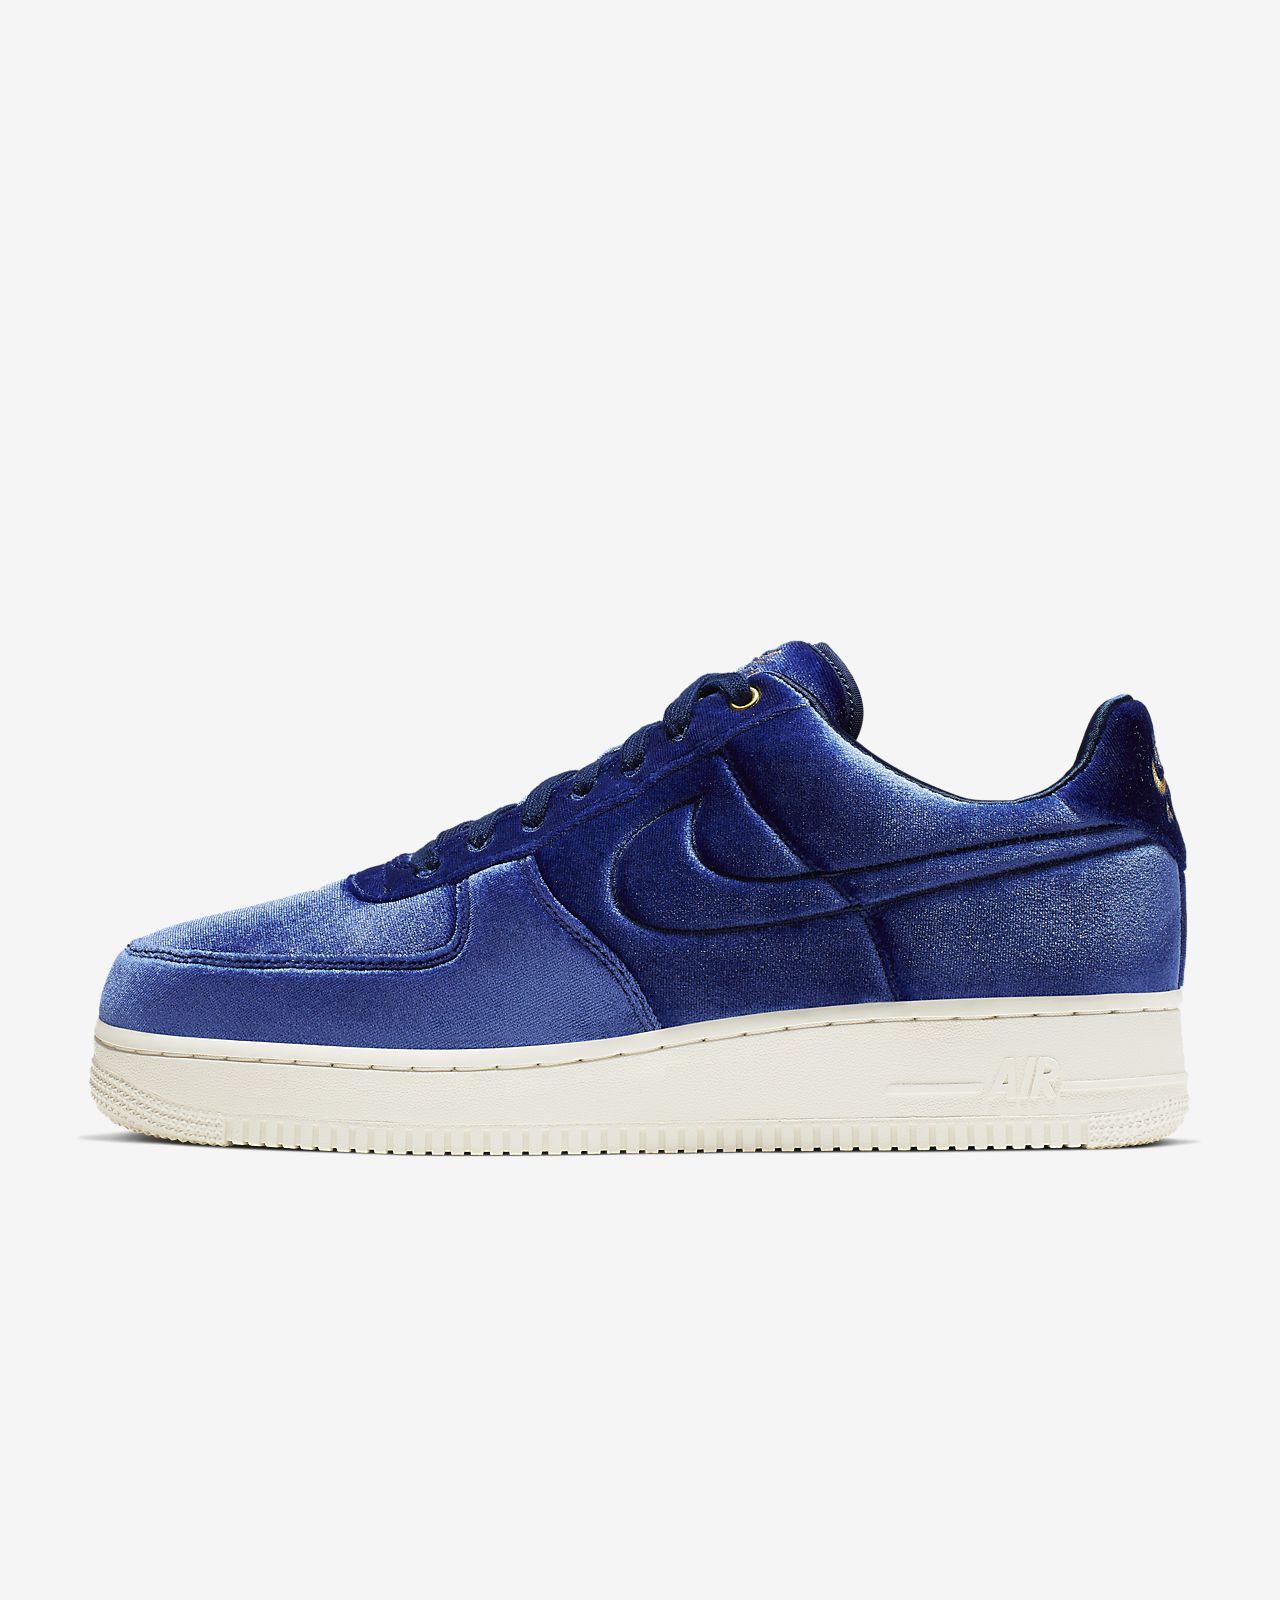 Sko Nike Air Force 1 '07 Premium 3 för män